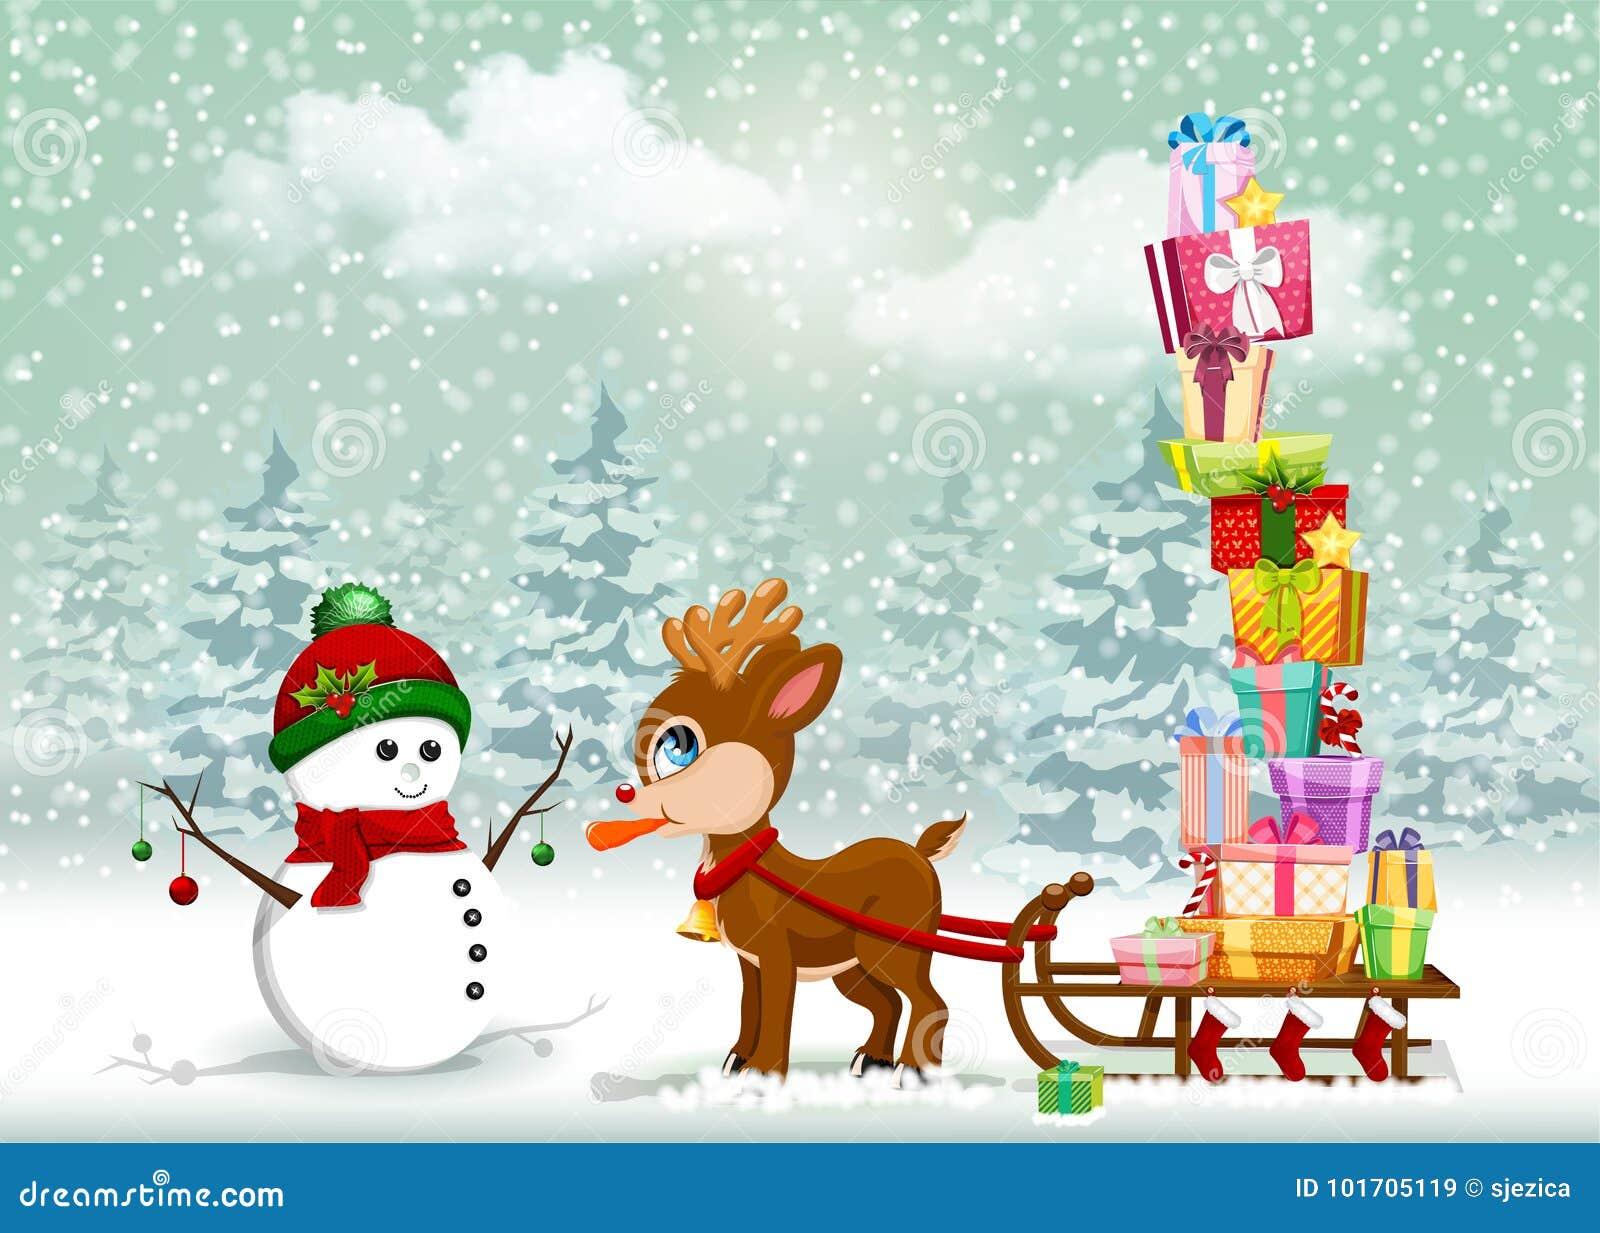 Χαριτωμένη σκηνή κινούμενων σχεδίων Cristmas με τον τάρανδο και το χιονάνθρωπο